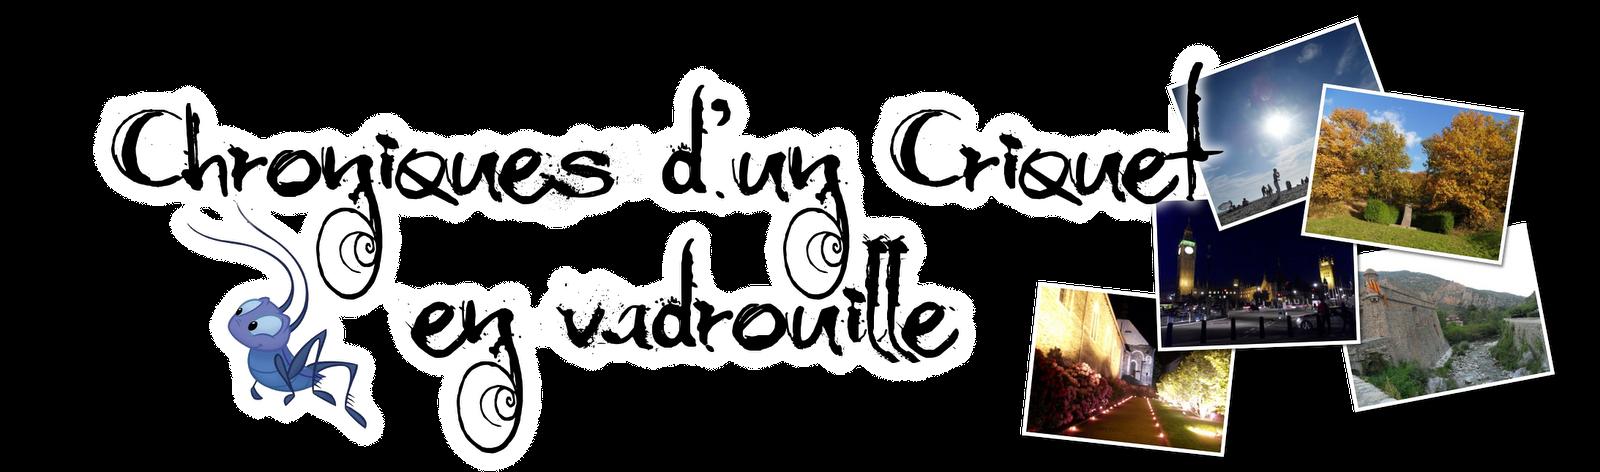 Chroniques d'un Criquet en vadrouille